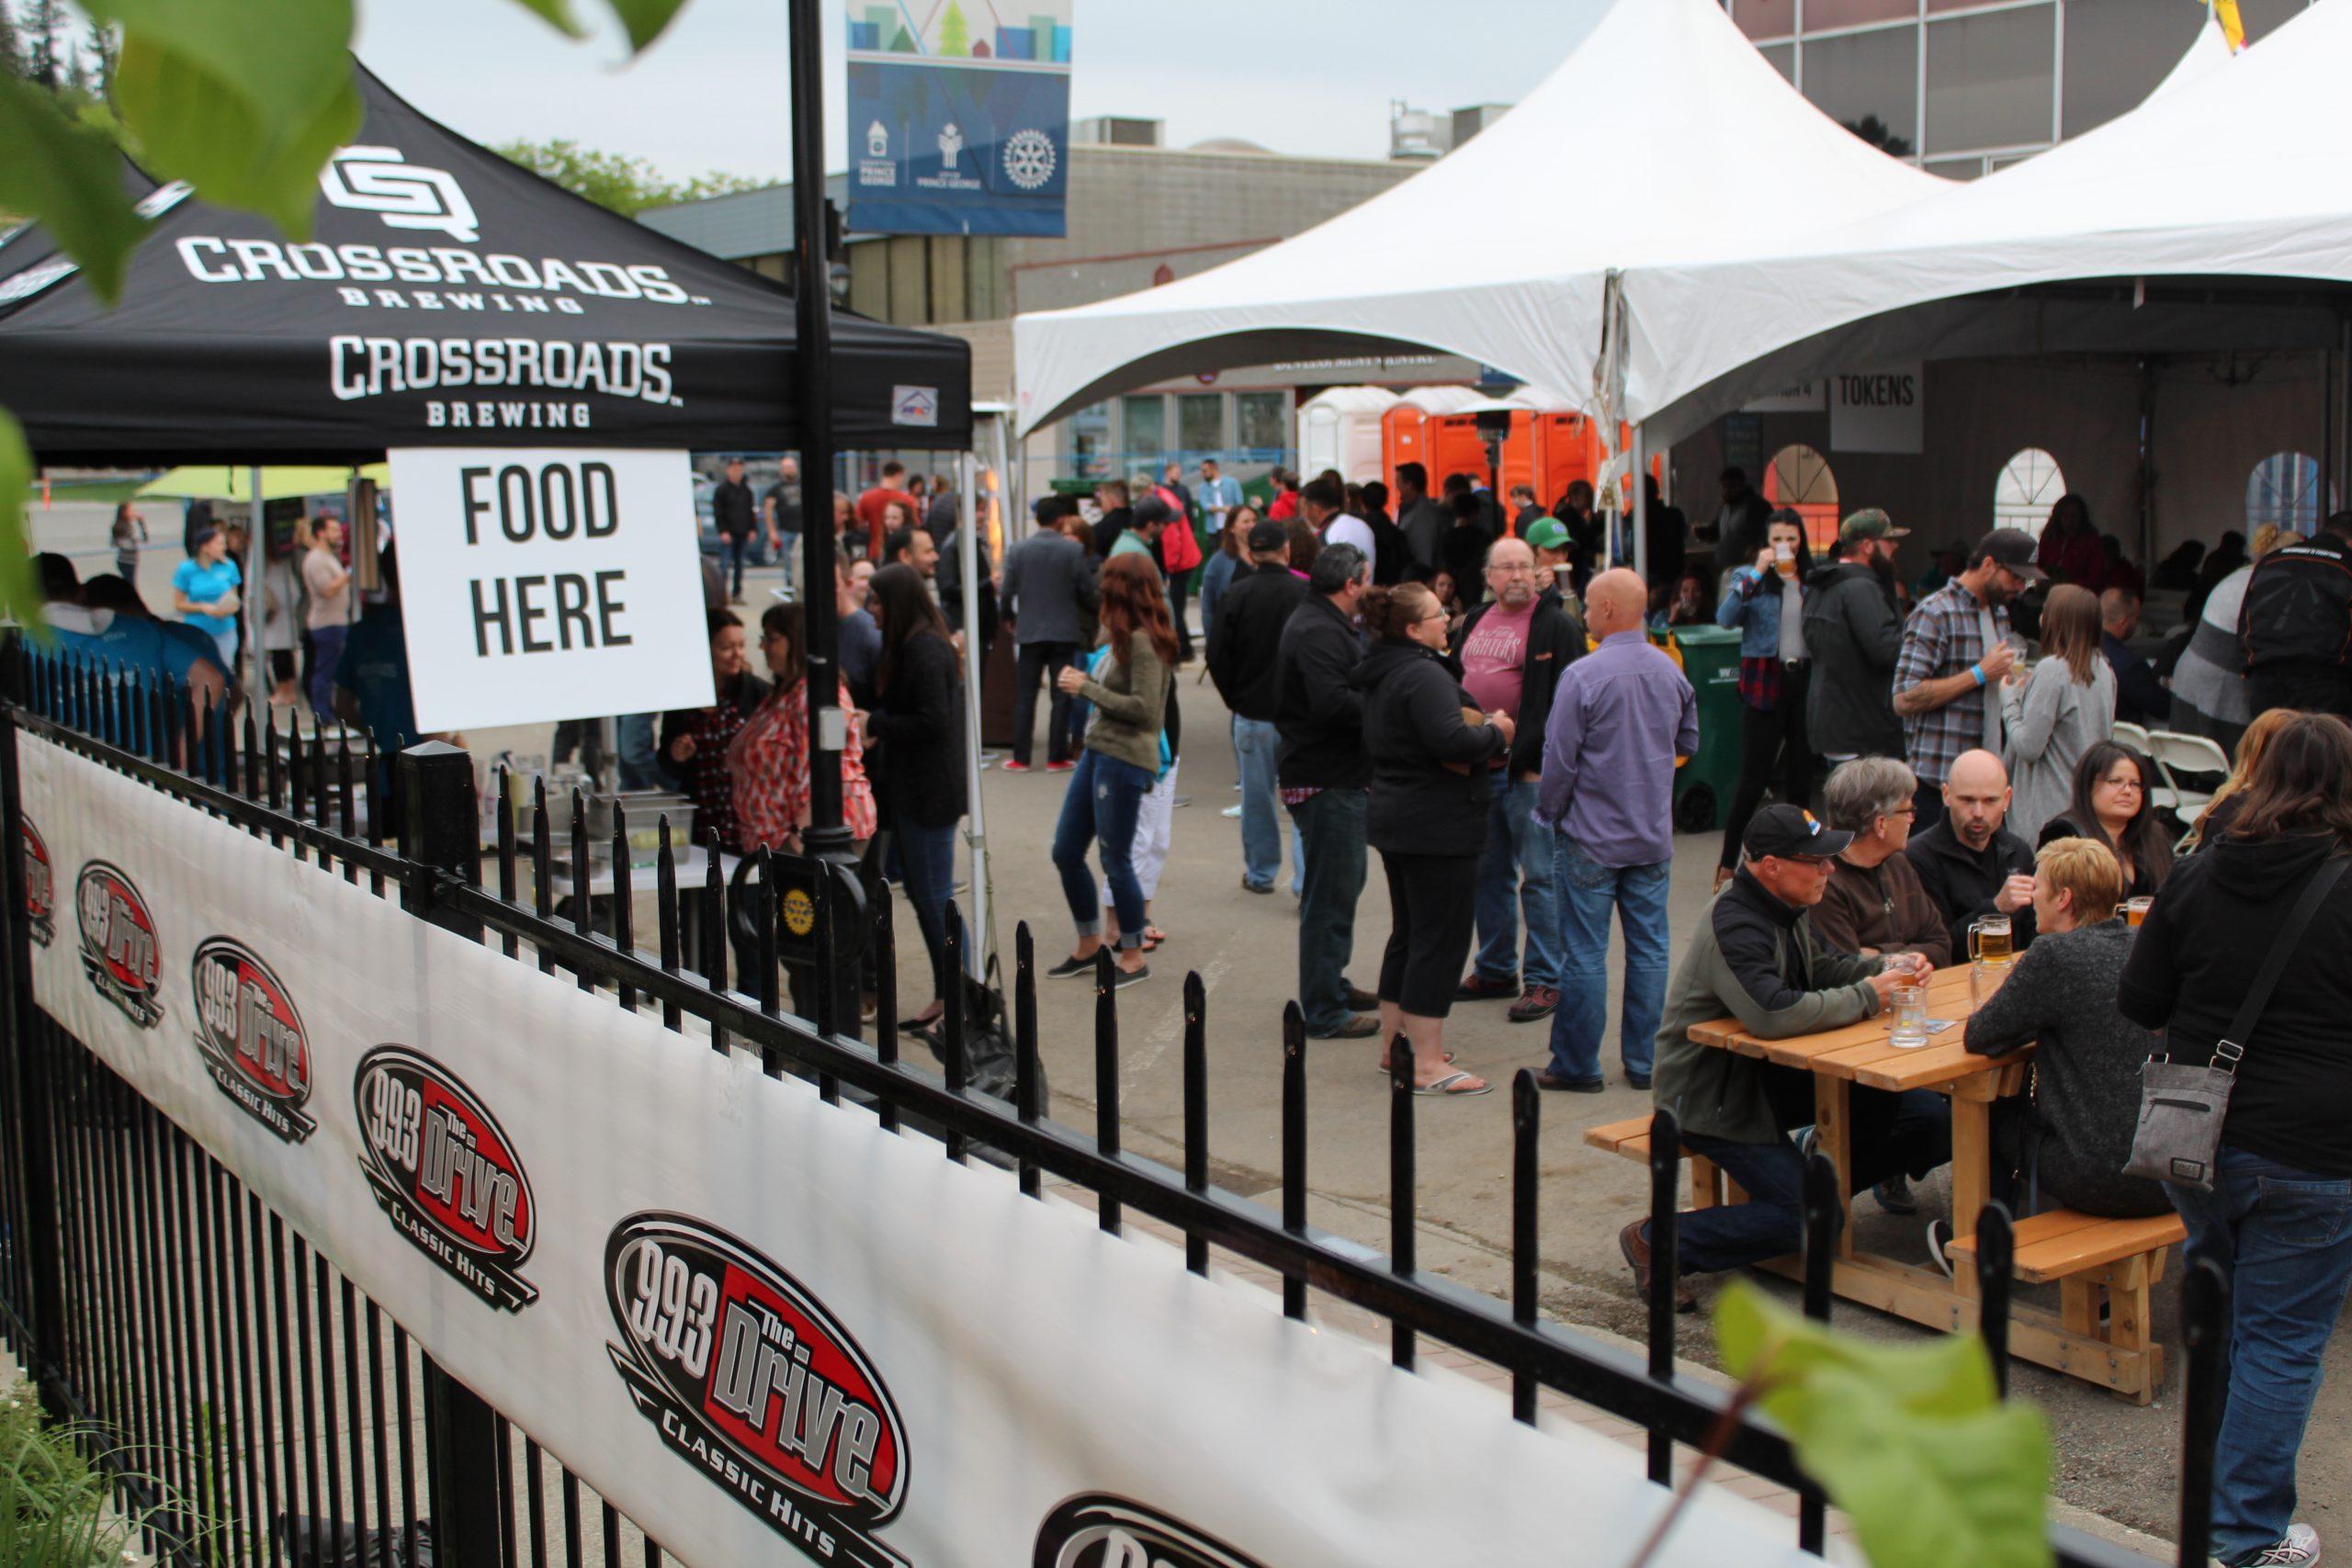 Weekly Report: CrossRoads Street Festival